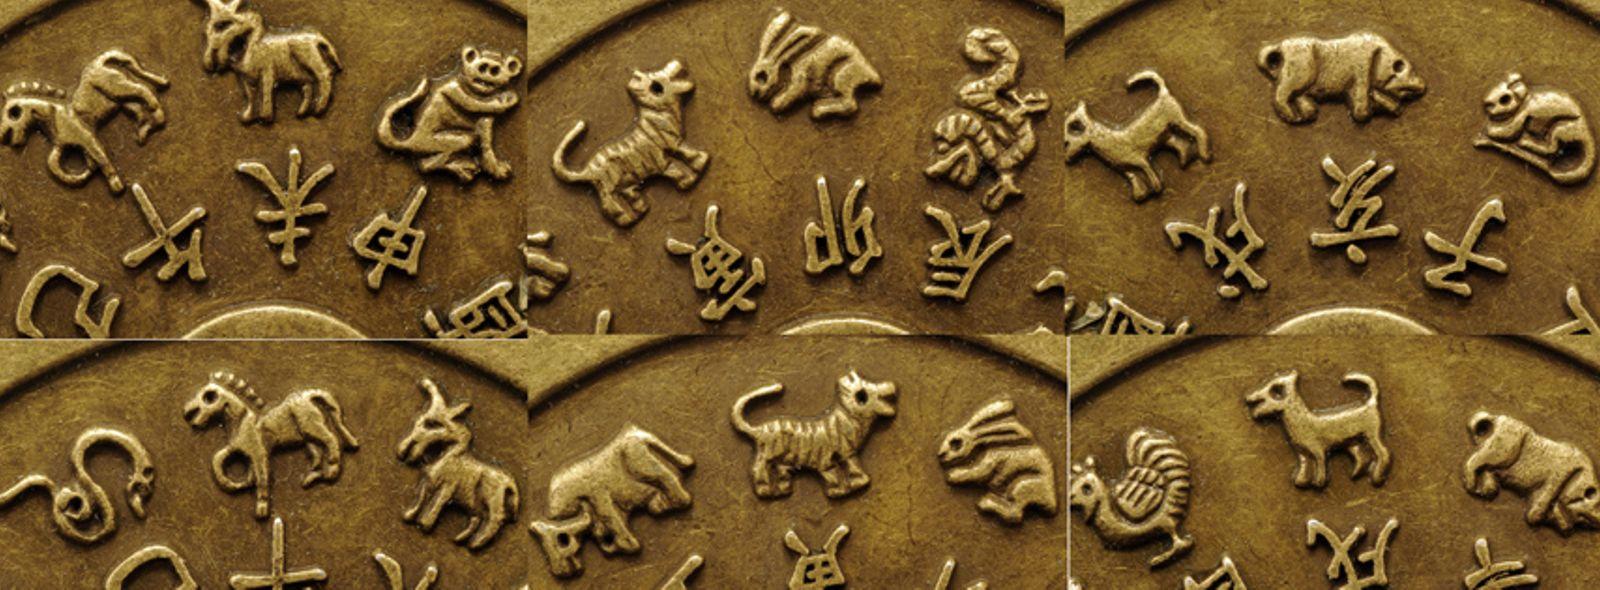 Calendario Giapponese Animali.Zodiaco Giapponese Trovami